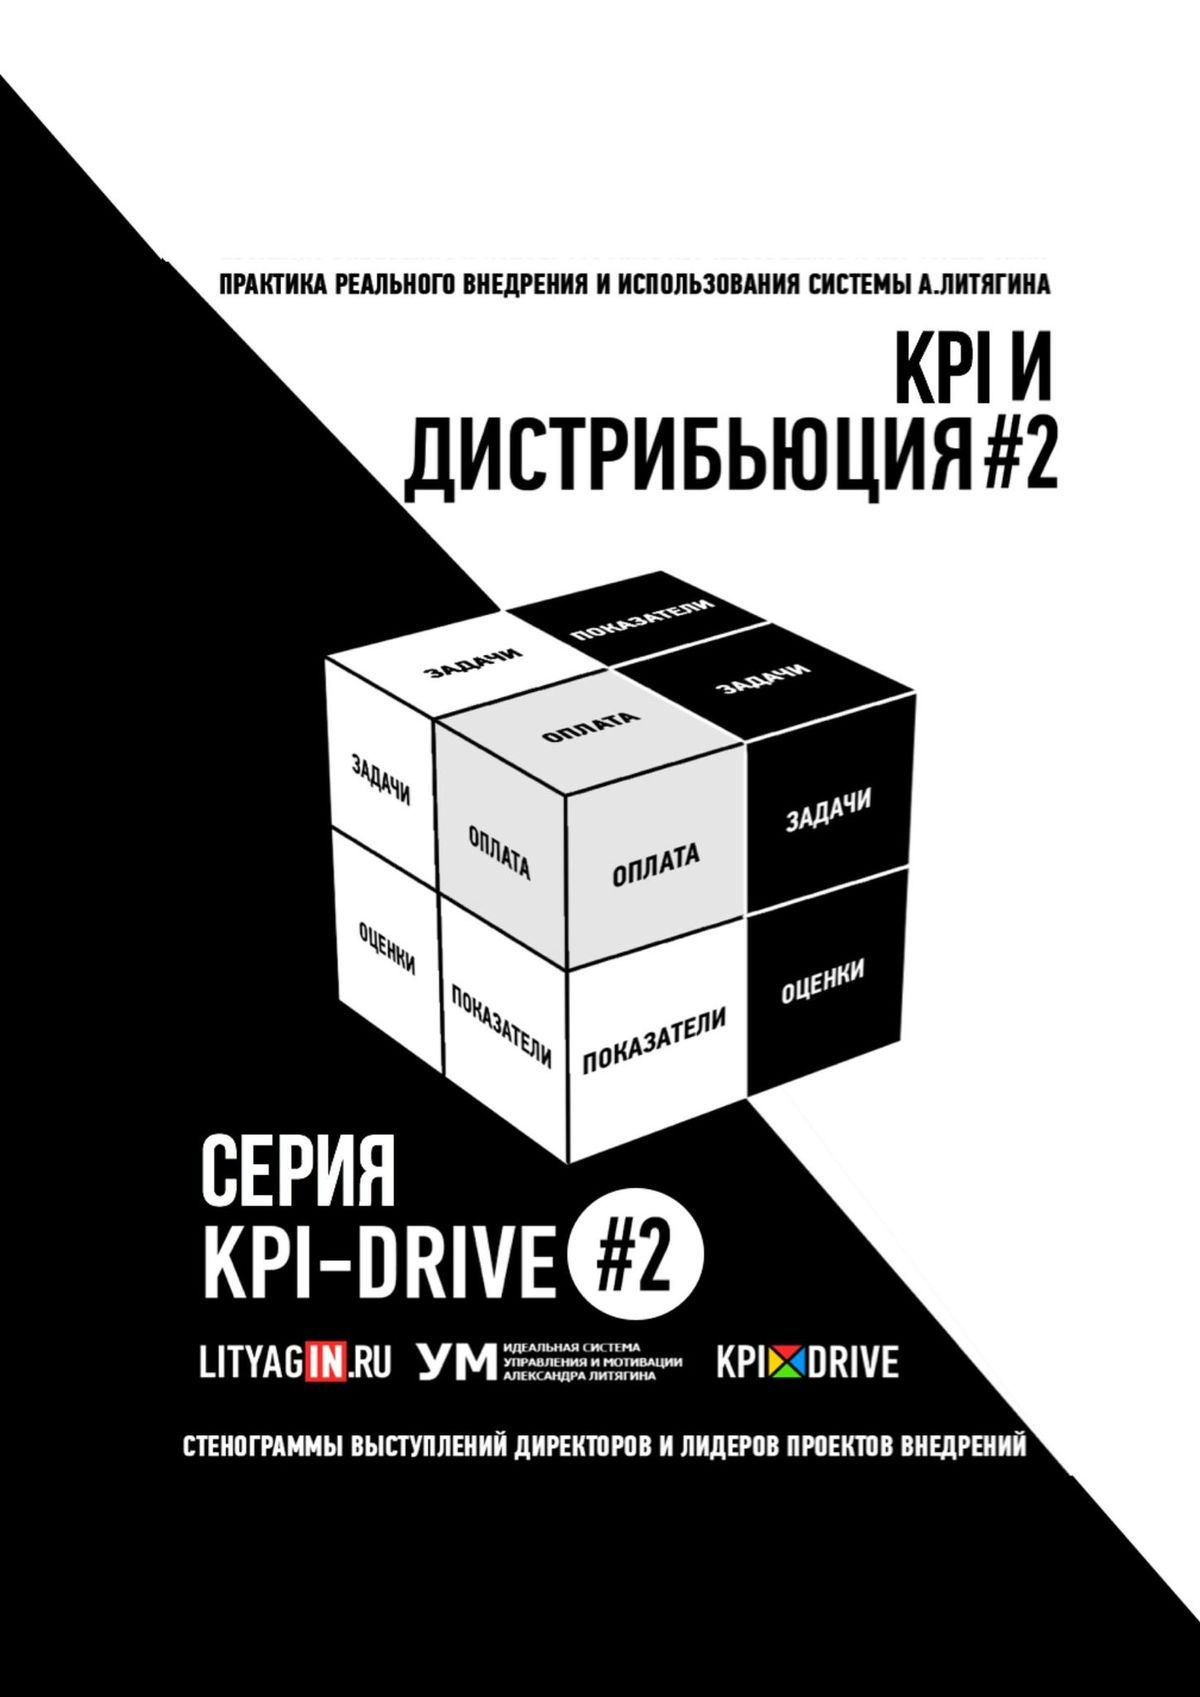 KPI-Drive#2. ДИСТРИБЬЮЦИЯ #2